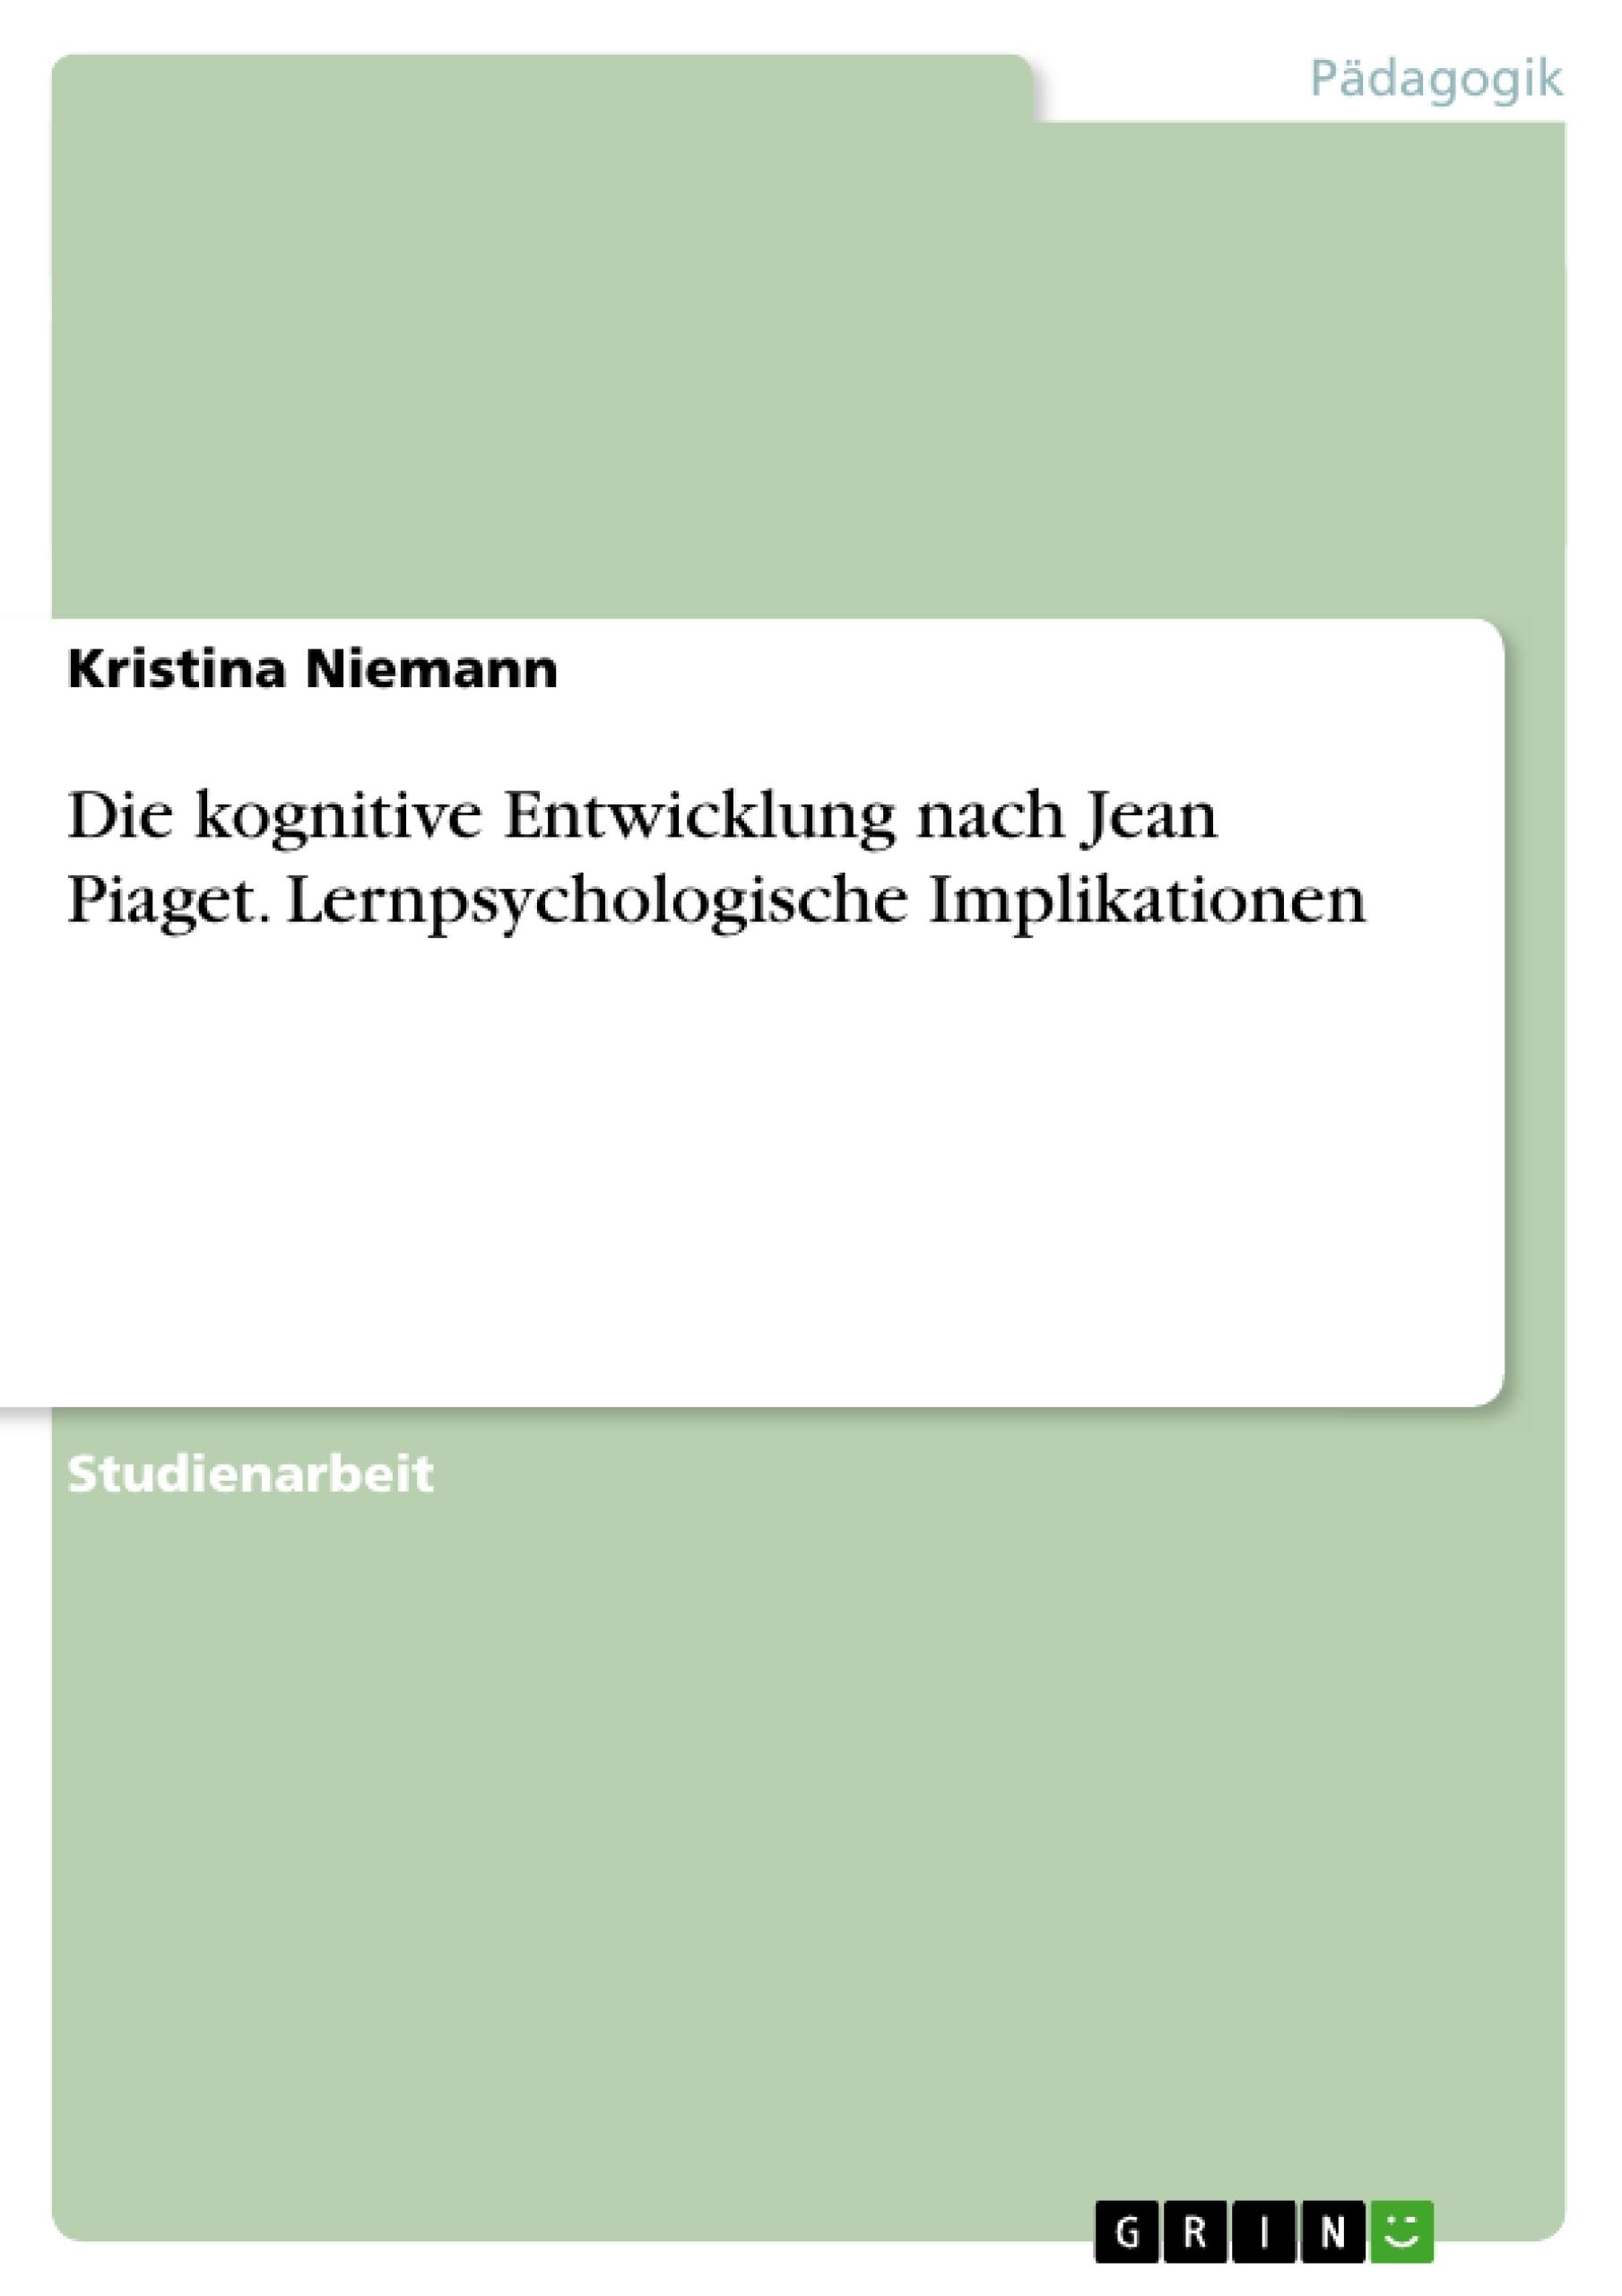 Titel: Die kognitive Entwicklung nach Jean Piaget. Lernpsychologische Implikationen